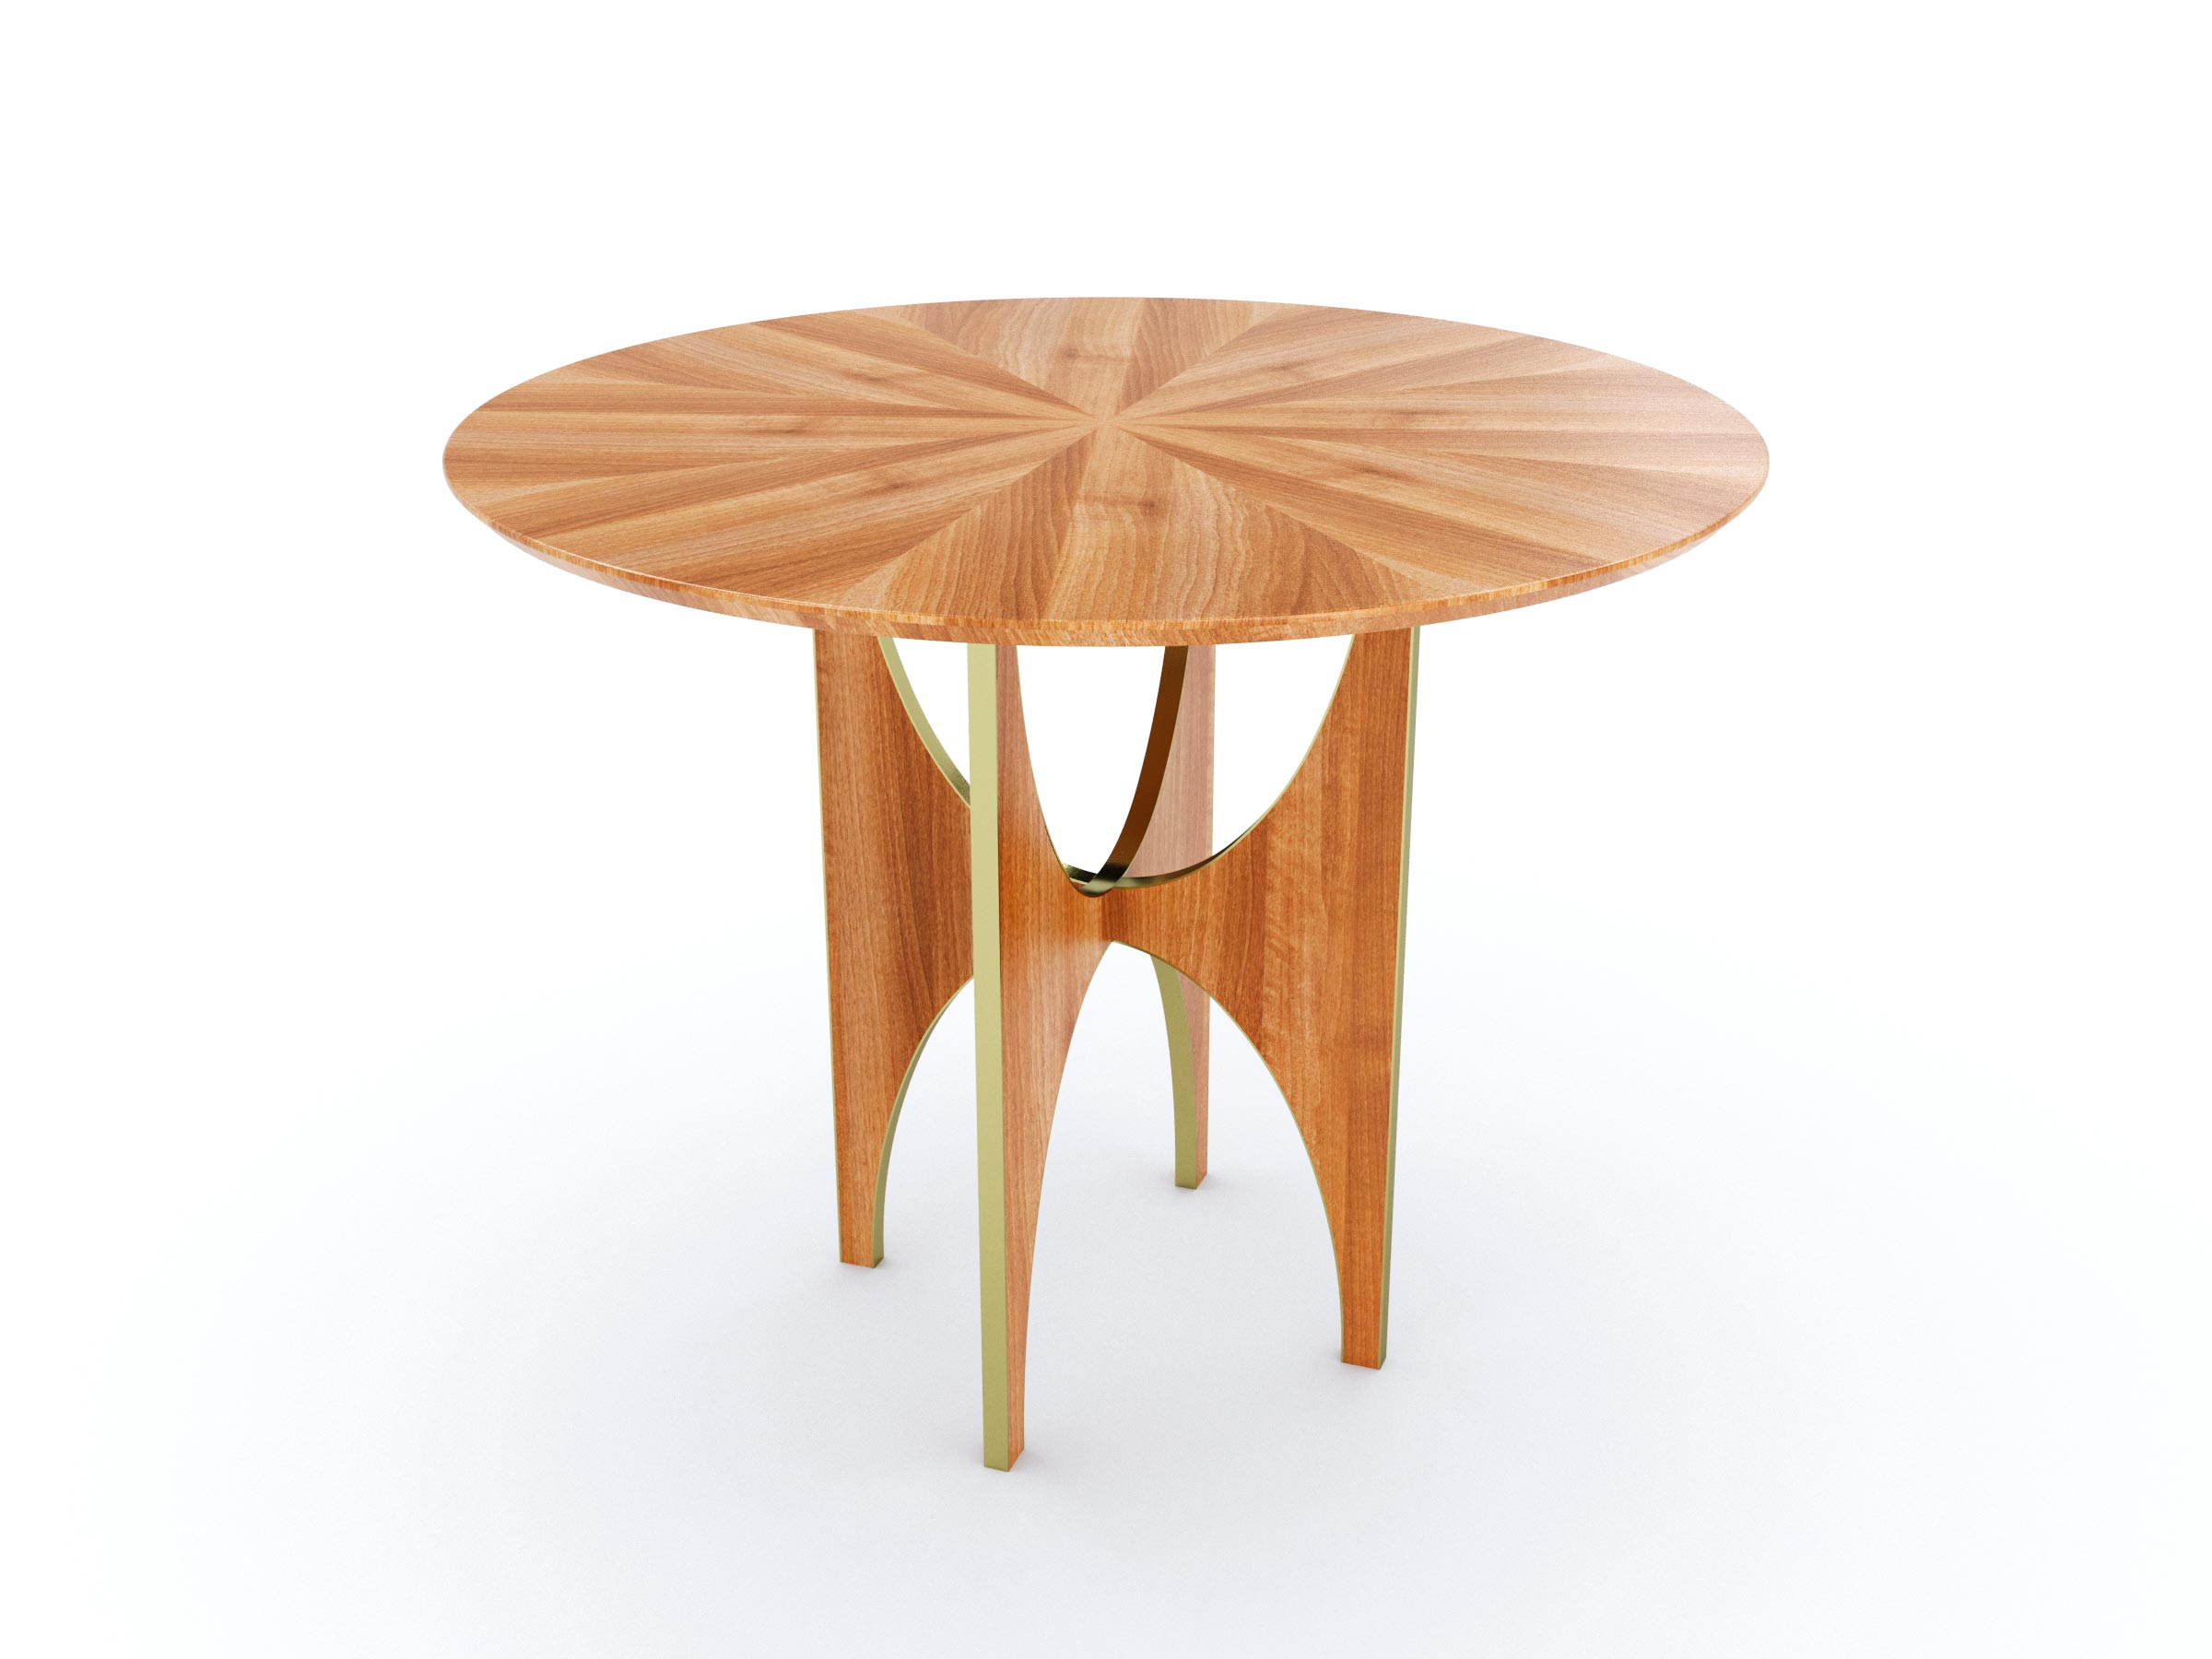 7.4_ARC-ROUND-TABLE-DARK_2400x1800